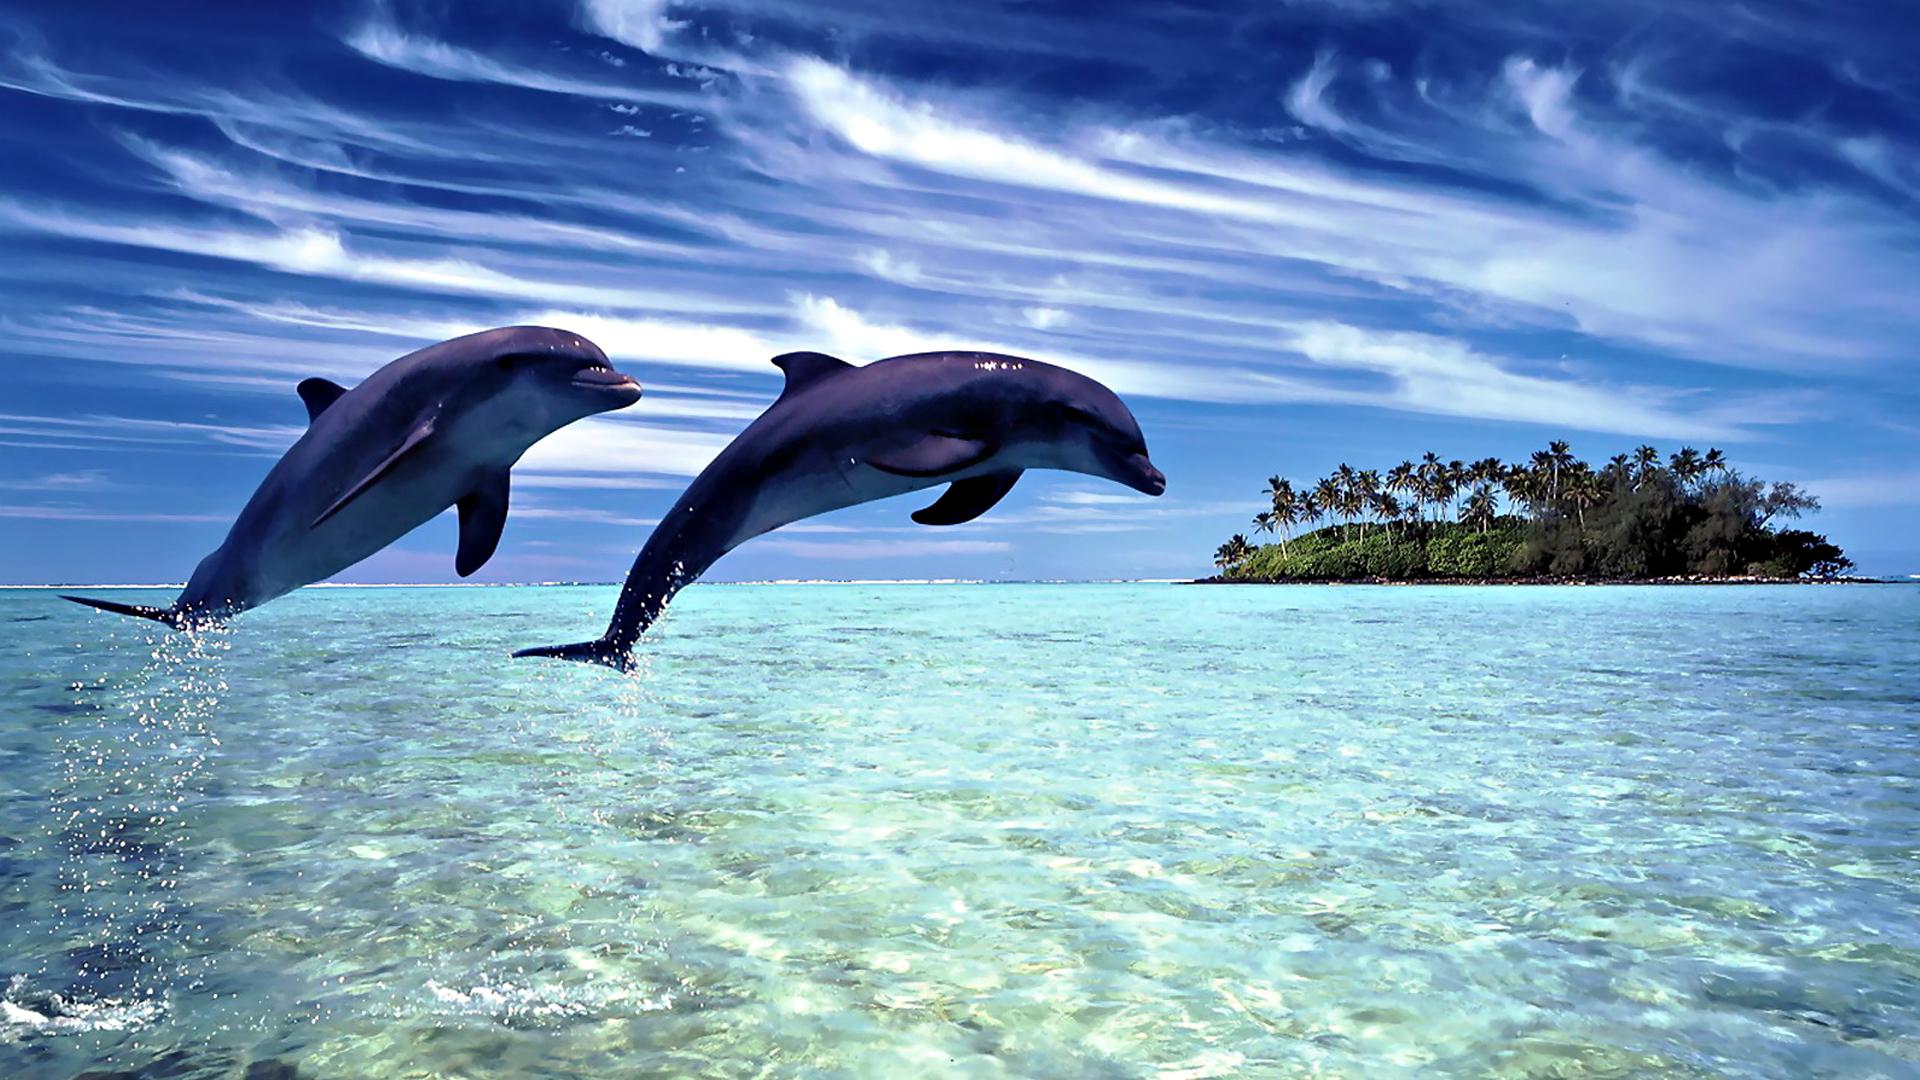 обои Дельфины прыгают над водой 1920х1080 ...: картинки-мира.рф/preview.php?p=9281